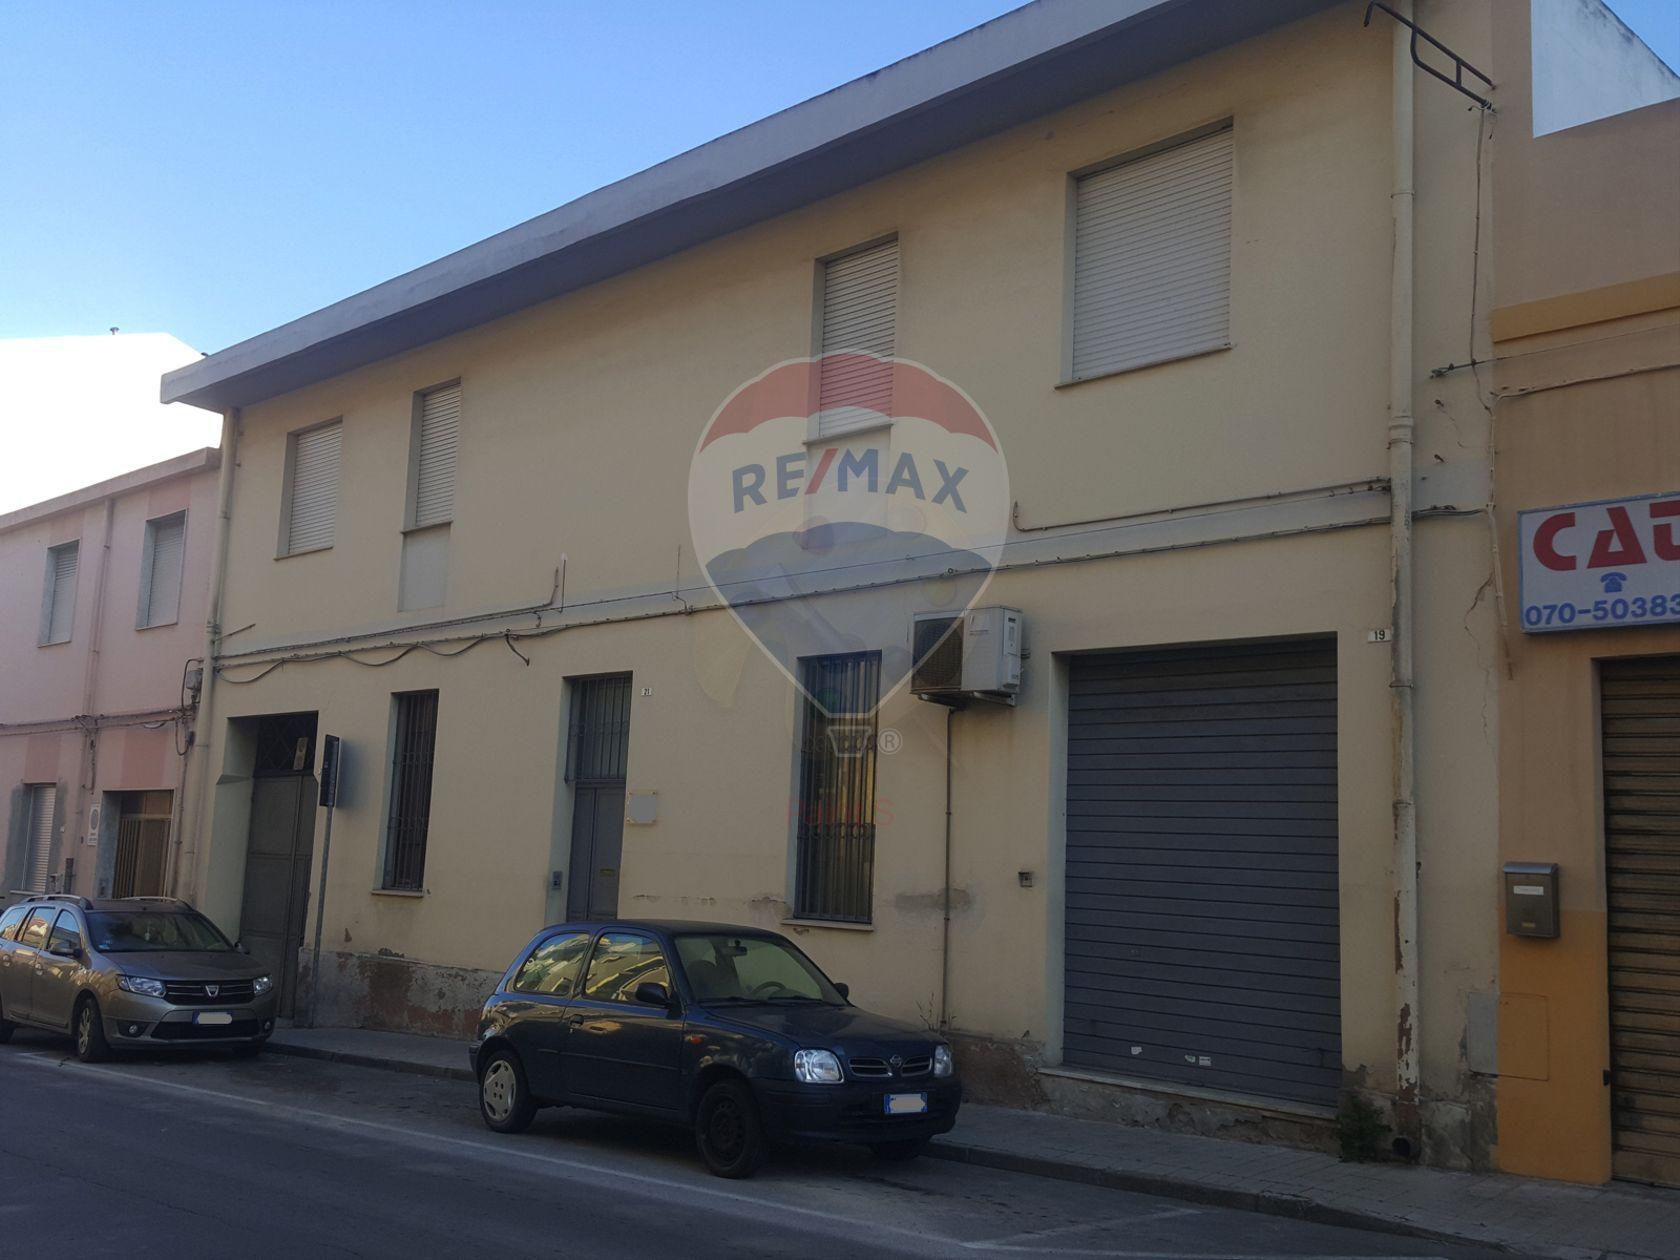 Locale Commerciale Cagliari-pirri-acentro, Cagliari, CA Vendita - Foto 5